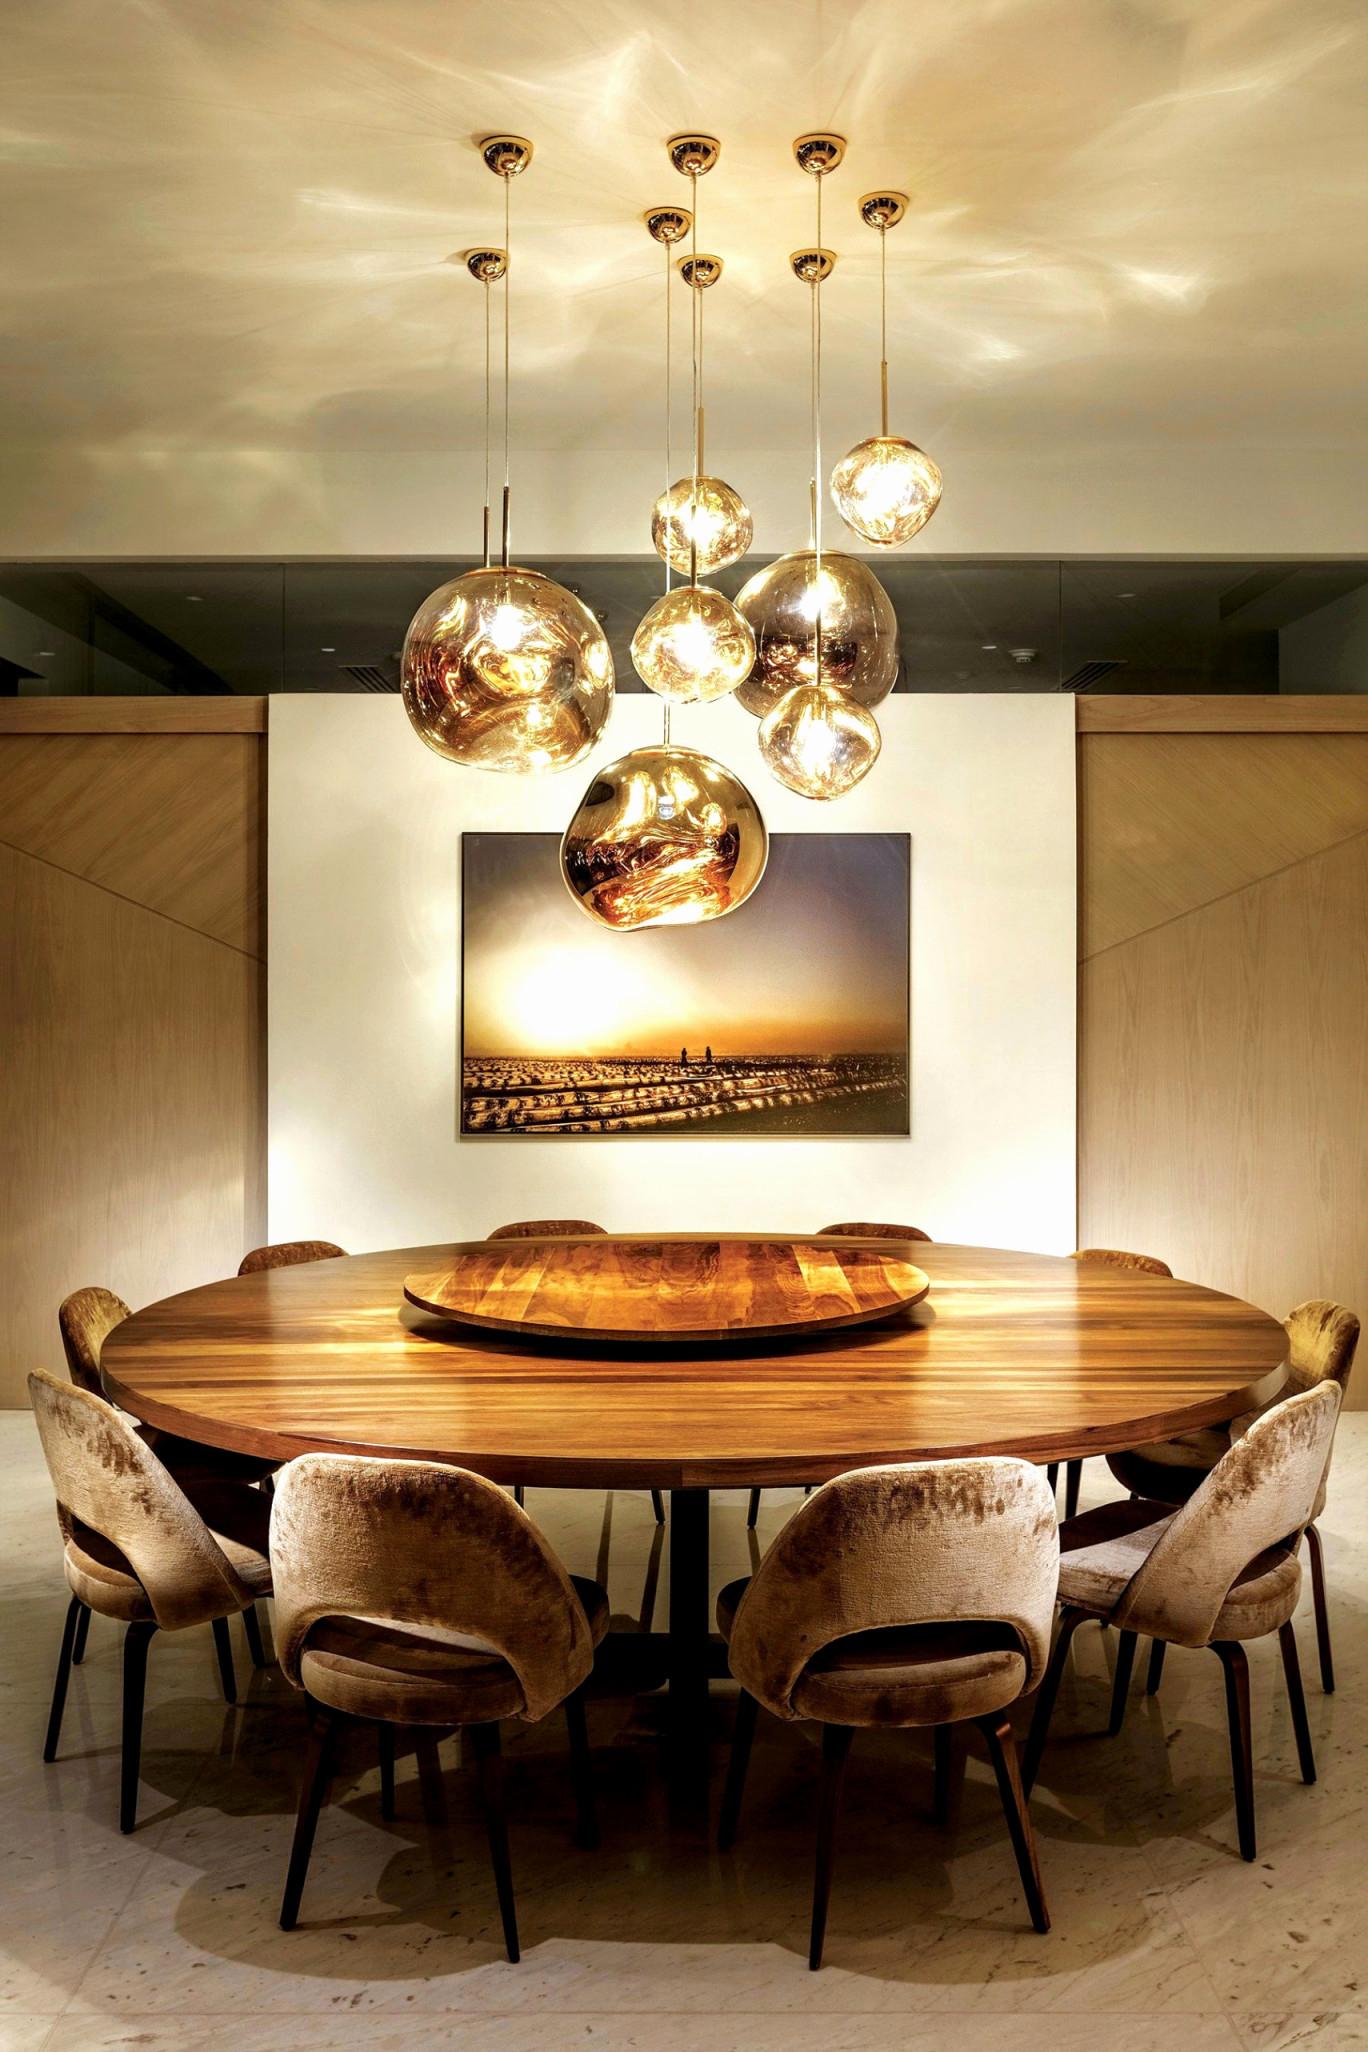 Decken Dekoration Wohnzimmer Luxus Stunning Decken Deko von Decken Deko Wohnzimmer Photo